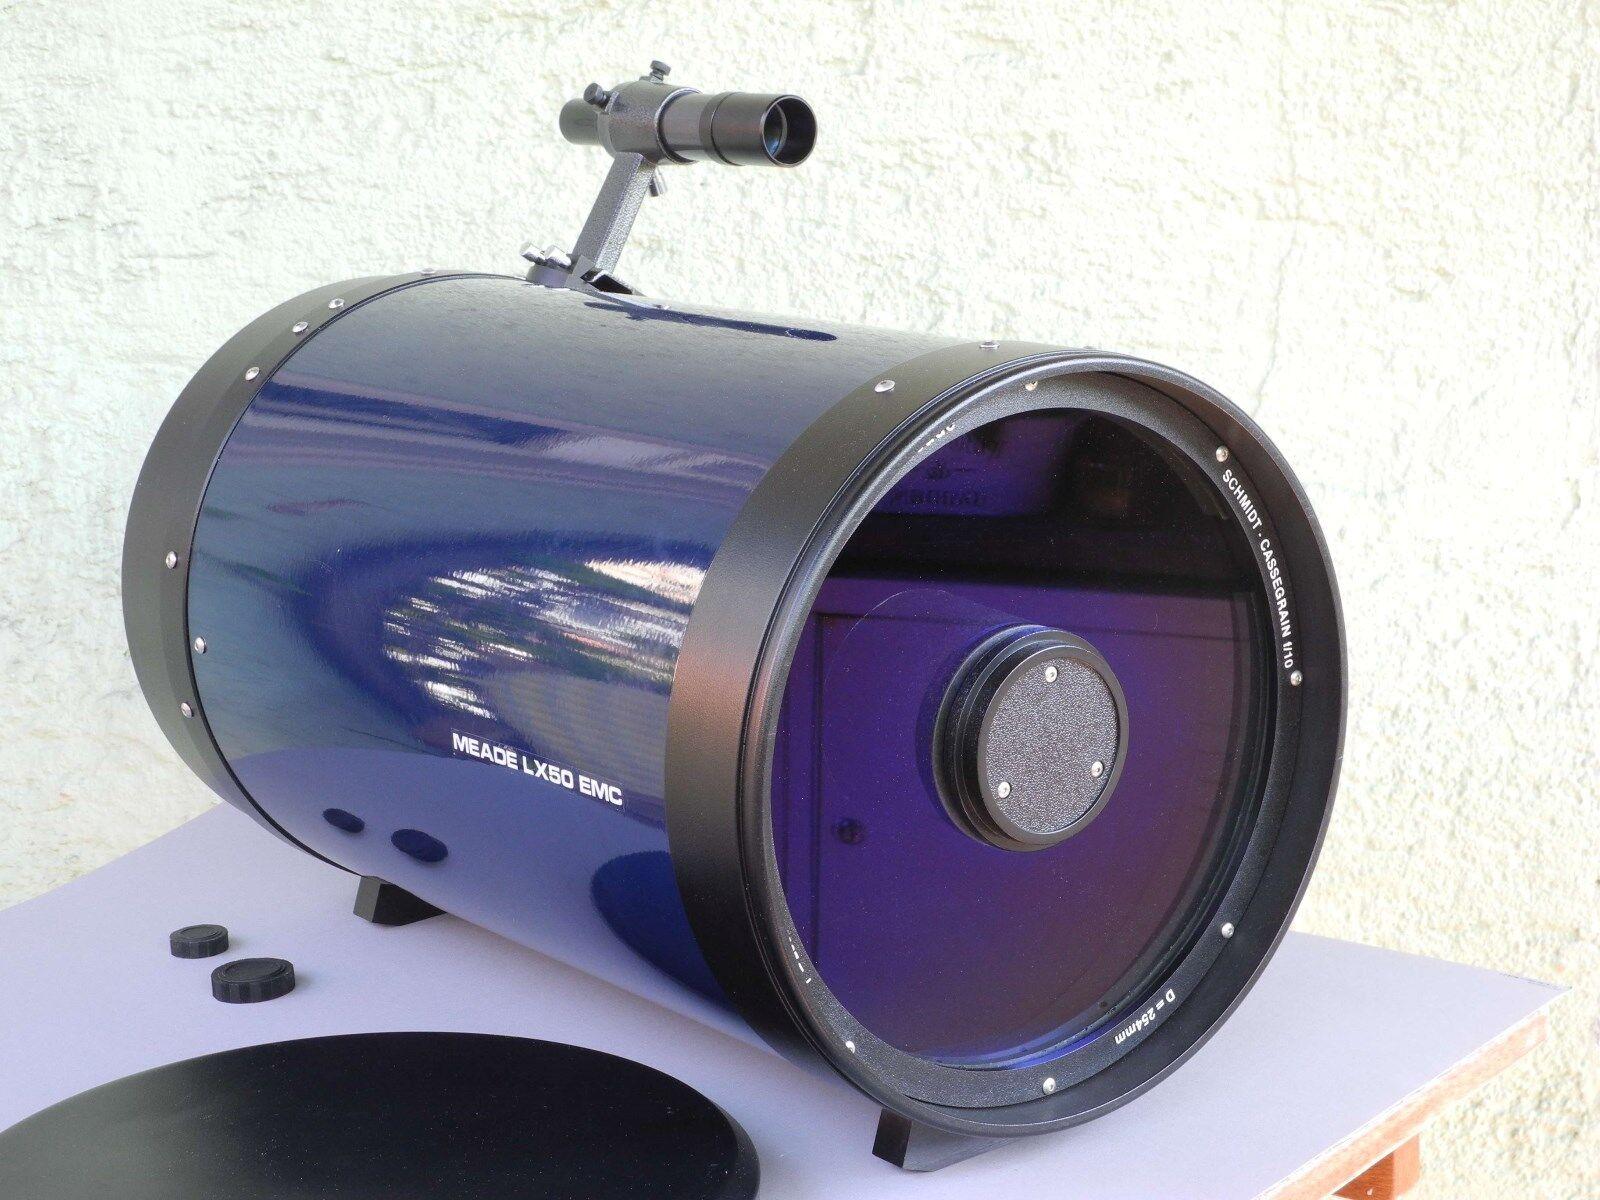 MEADE 10'' LX50 EMC OTA Schmidt-Cassegrain f/10 (254mm/2500mm), Made in USA